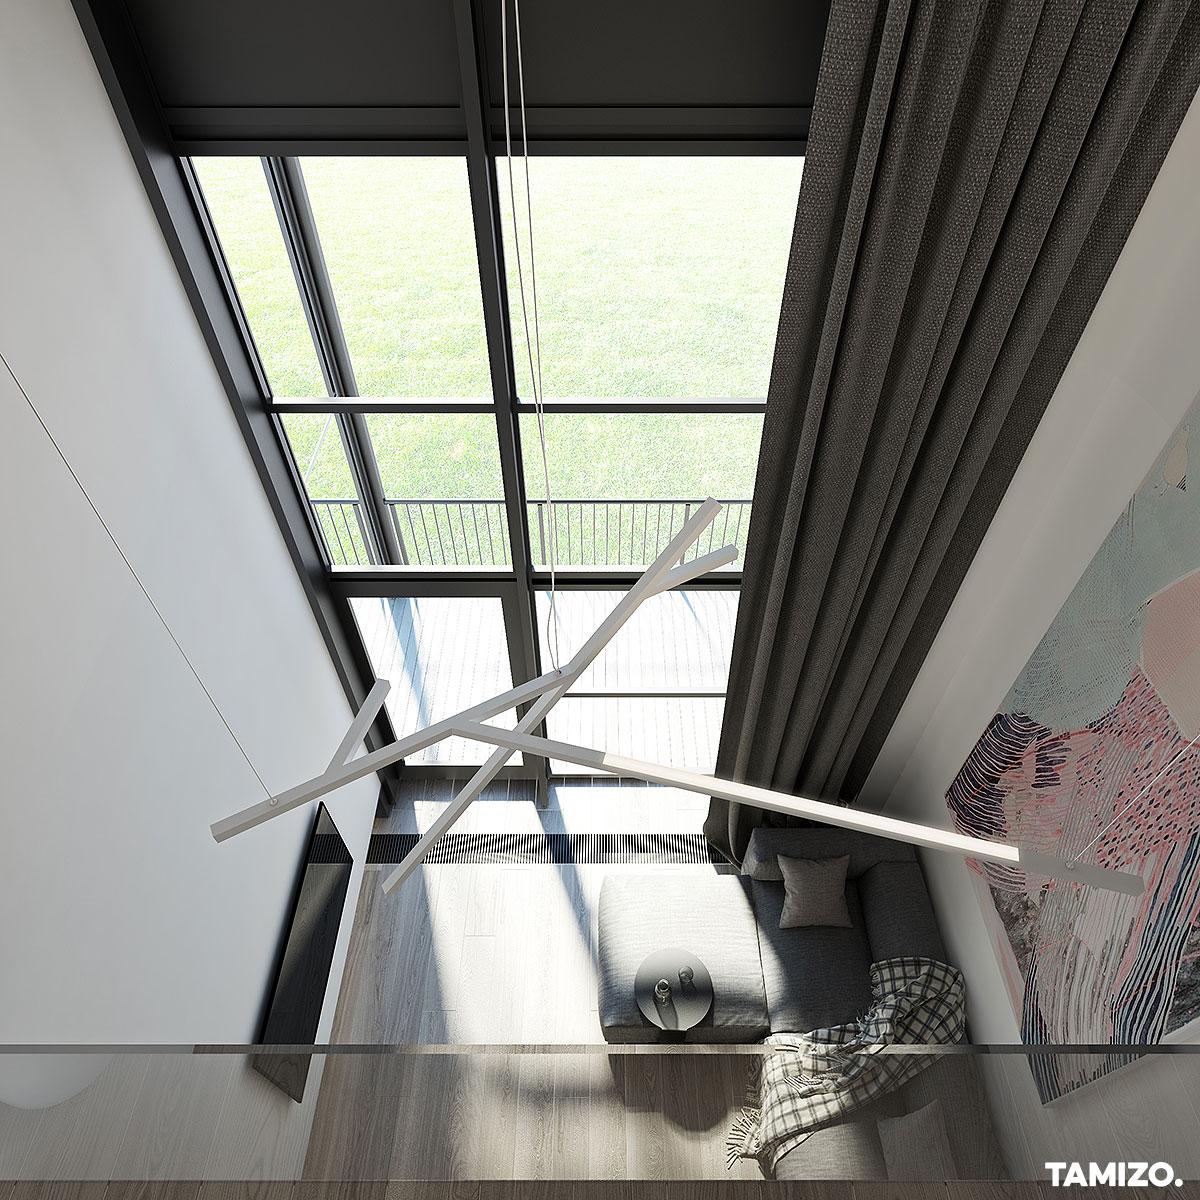 I065_tamizo_architekci_projekt-wnetrza-mieszkania-loft-kawalerka-warszawa-11